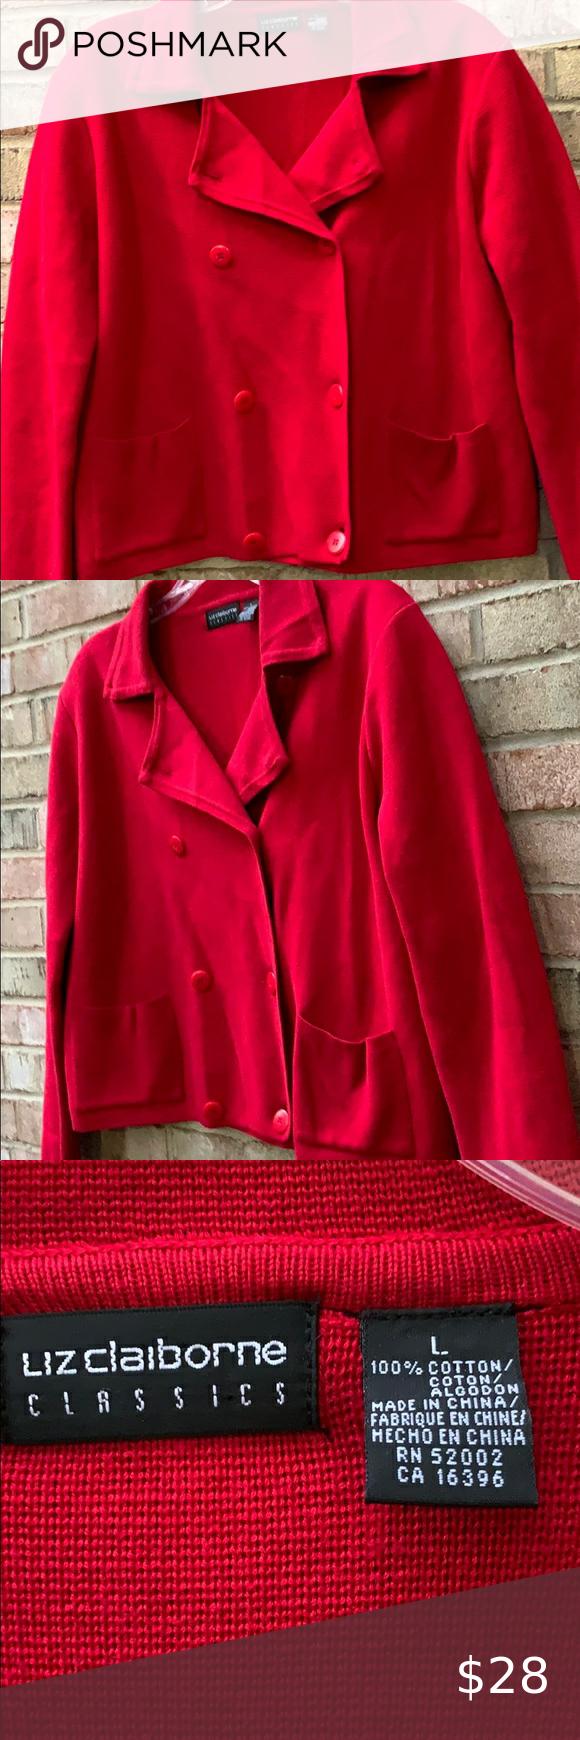 Vermilion Red Liz Claiborne Jacket Jackets Liz Claiborne Clothes Design [ 1740 x 580 Pixel ]